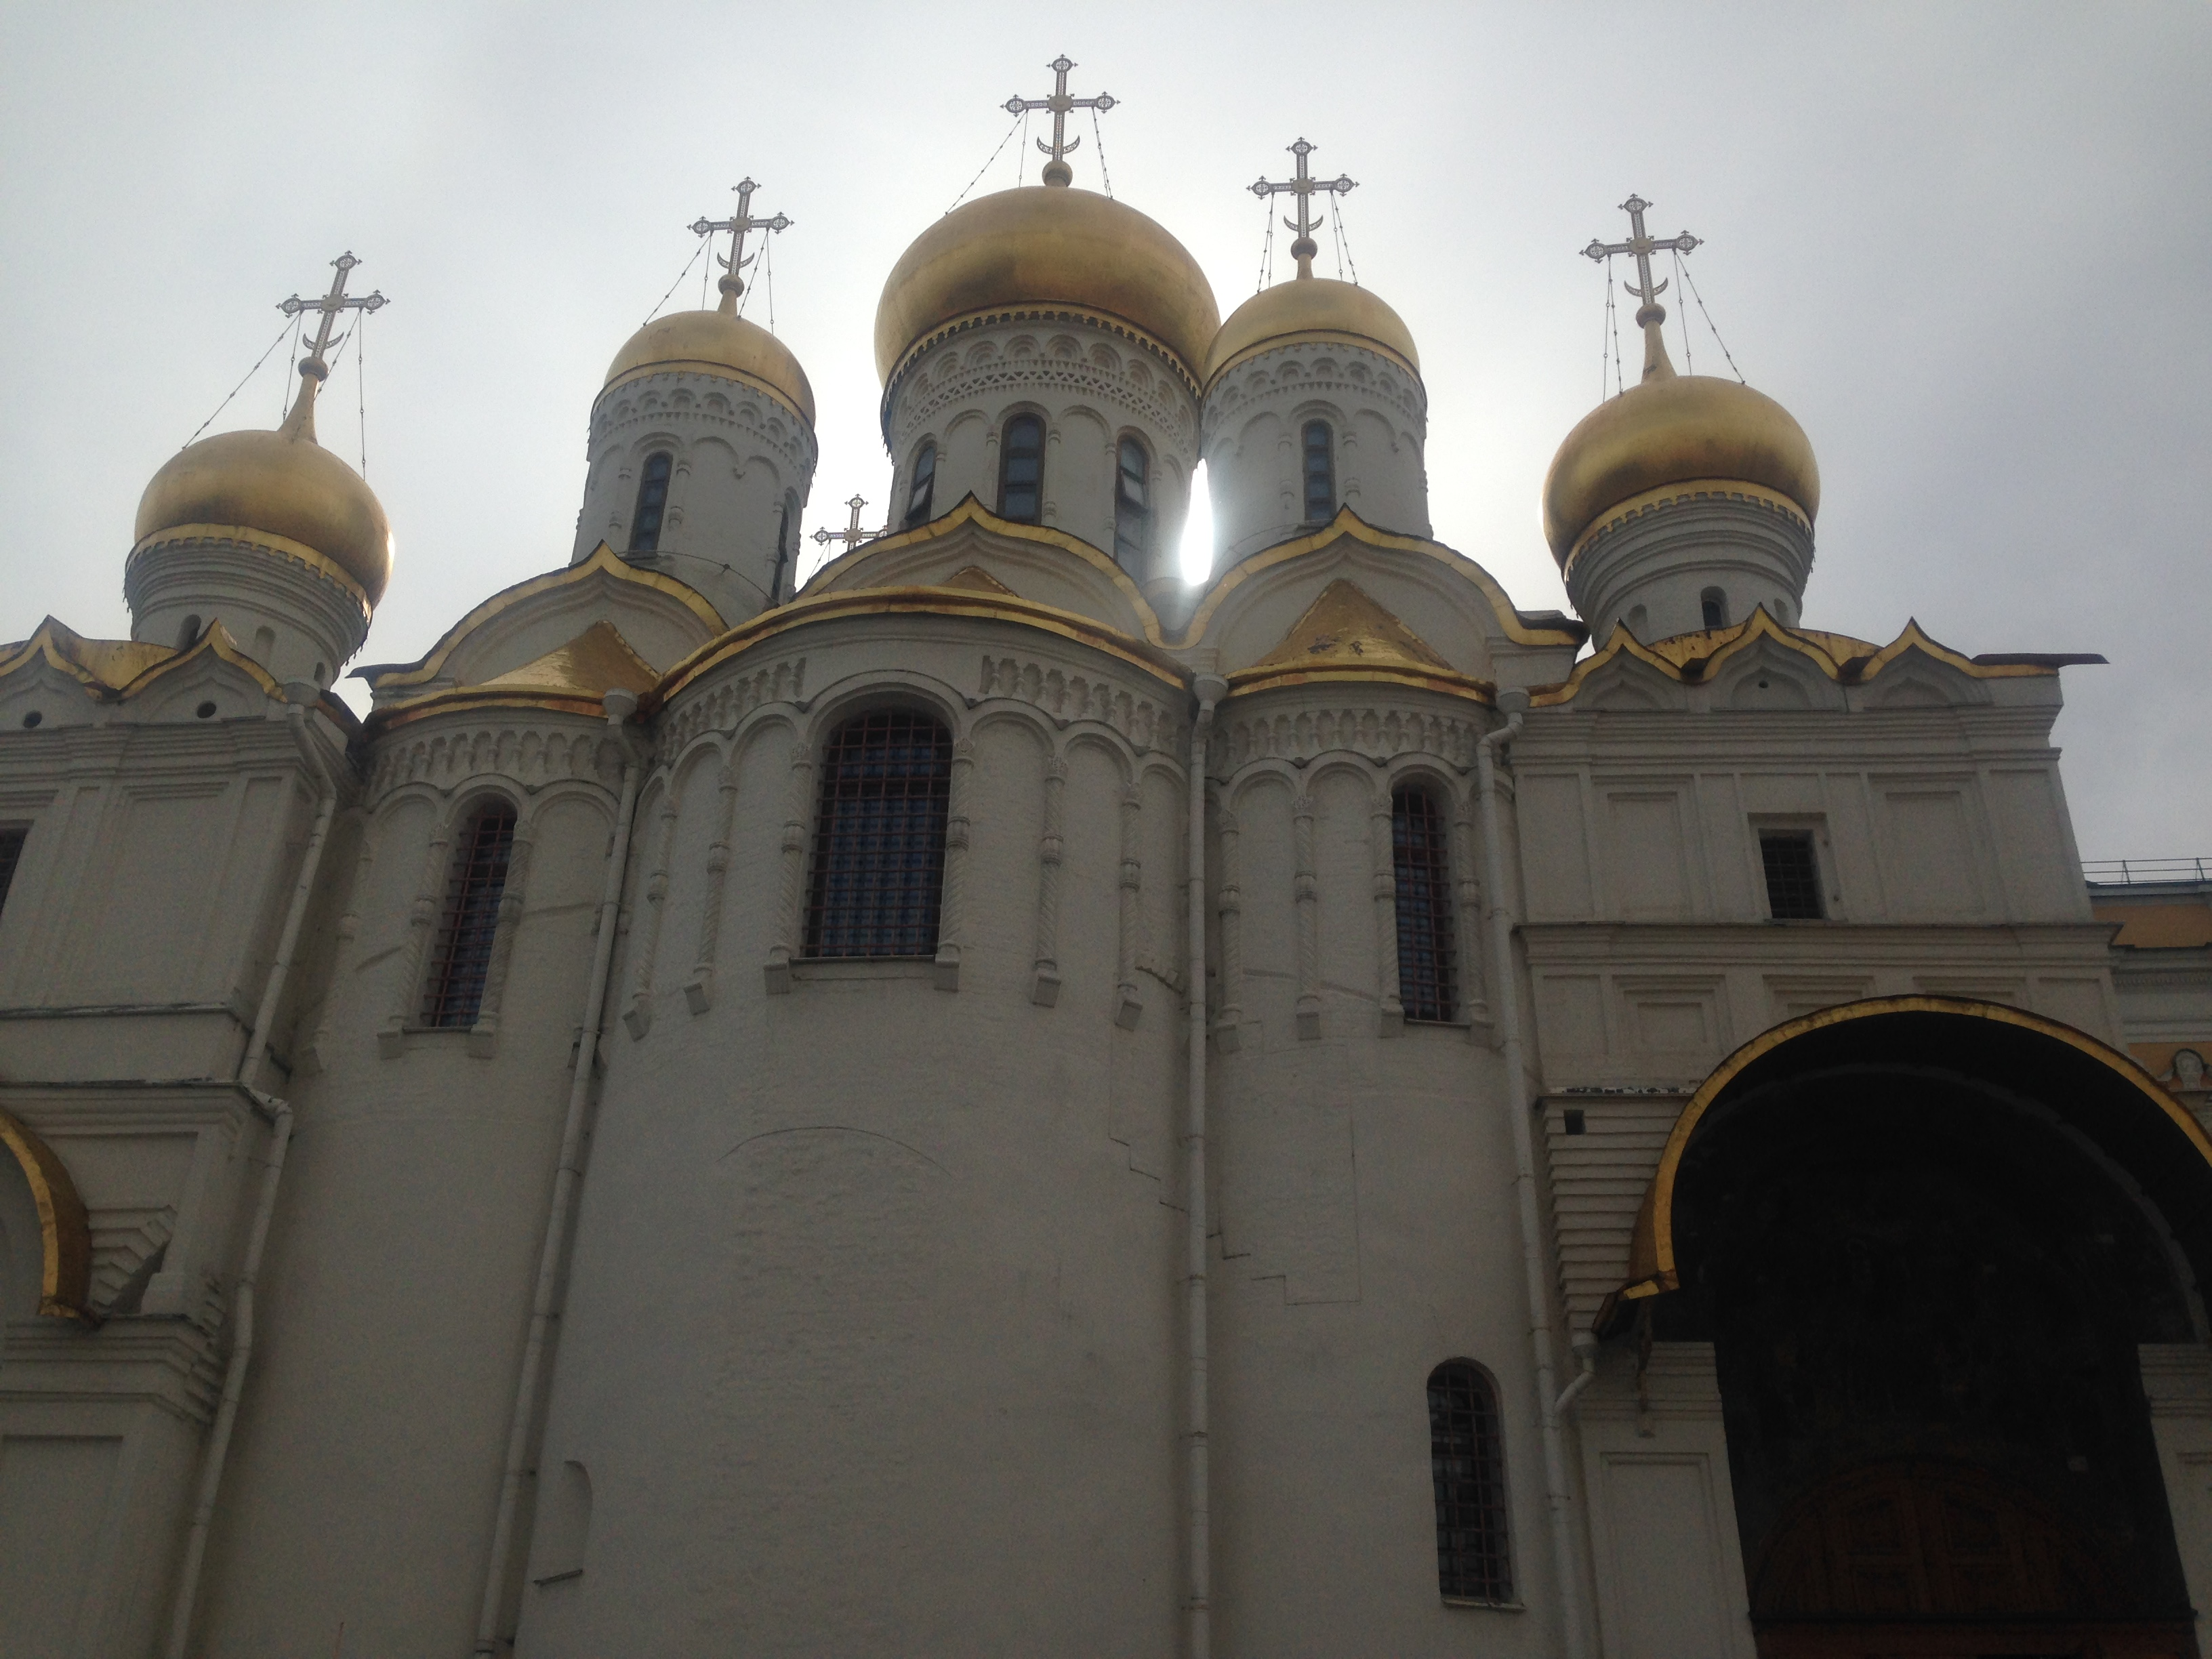 Landausflug mit der Mein Schiff zum Kreml in Moskau